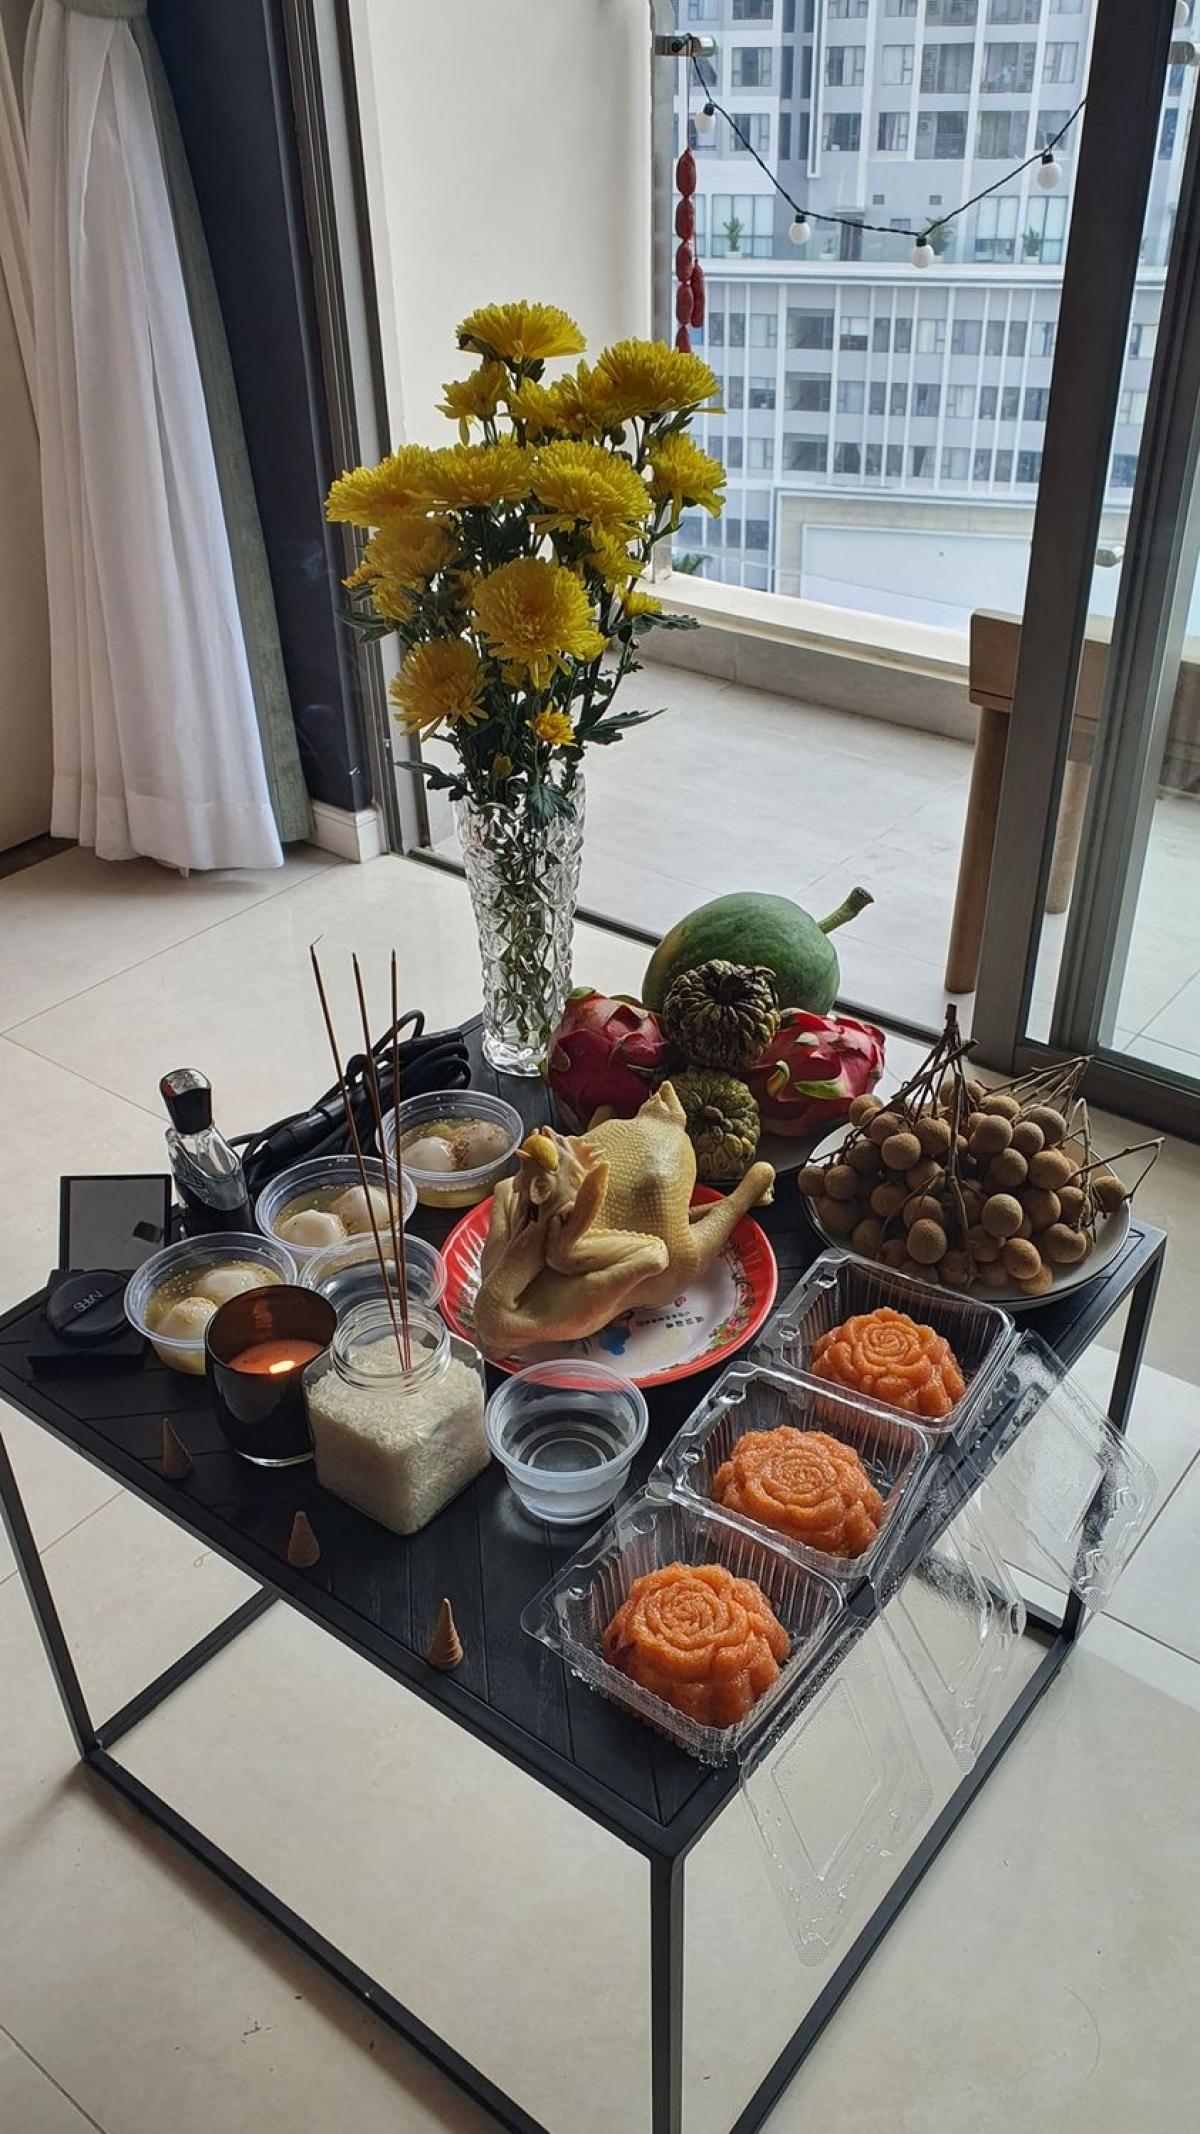 Nhạc sĩ Hứa Kim Tuyền thành tâm dâng sính lễ, hương hoa, trà quả, đốt nén hương để cúng Tổ nghề.